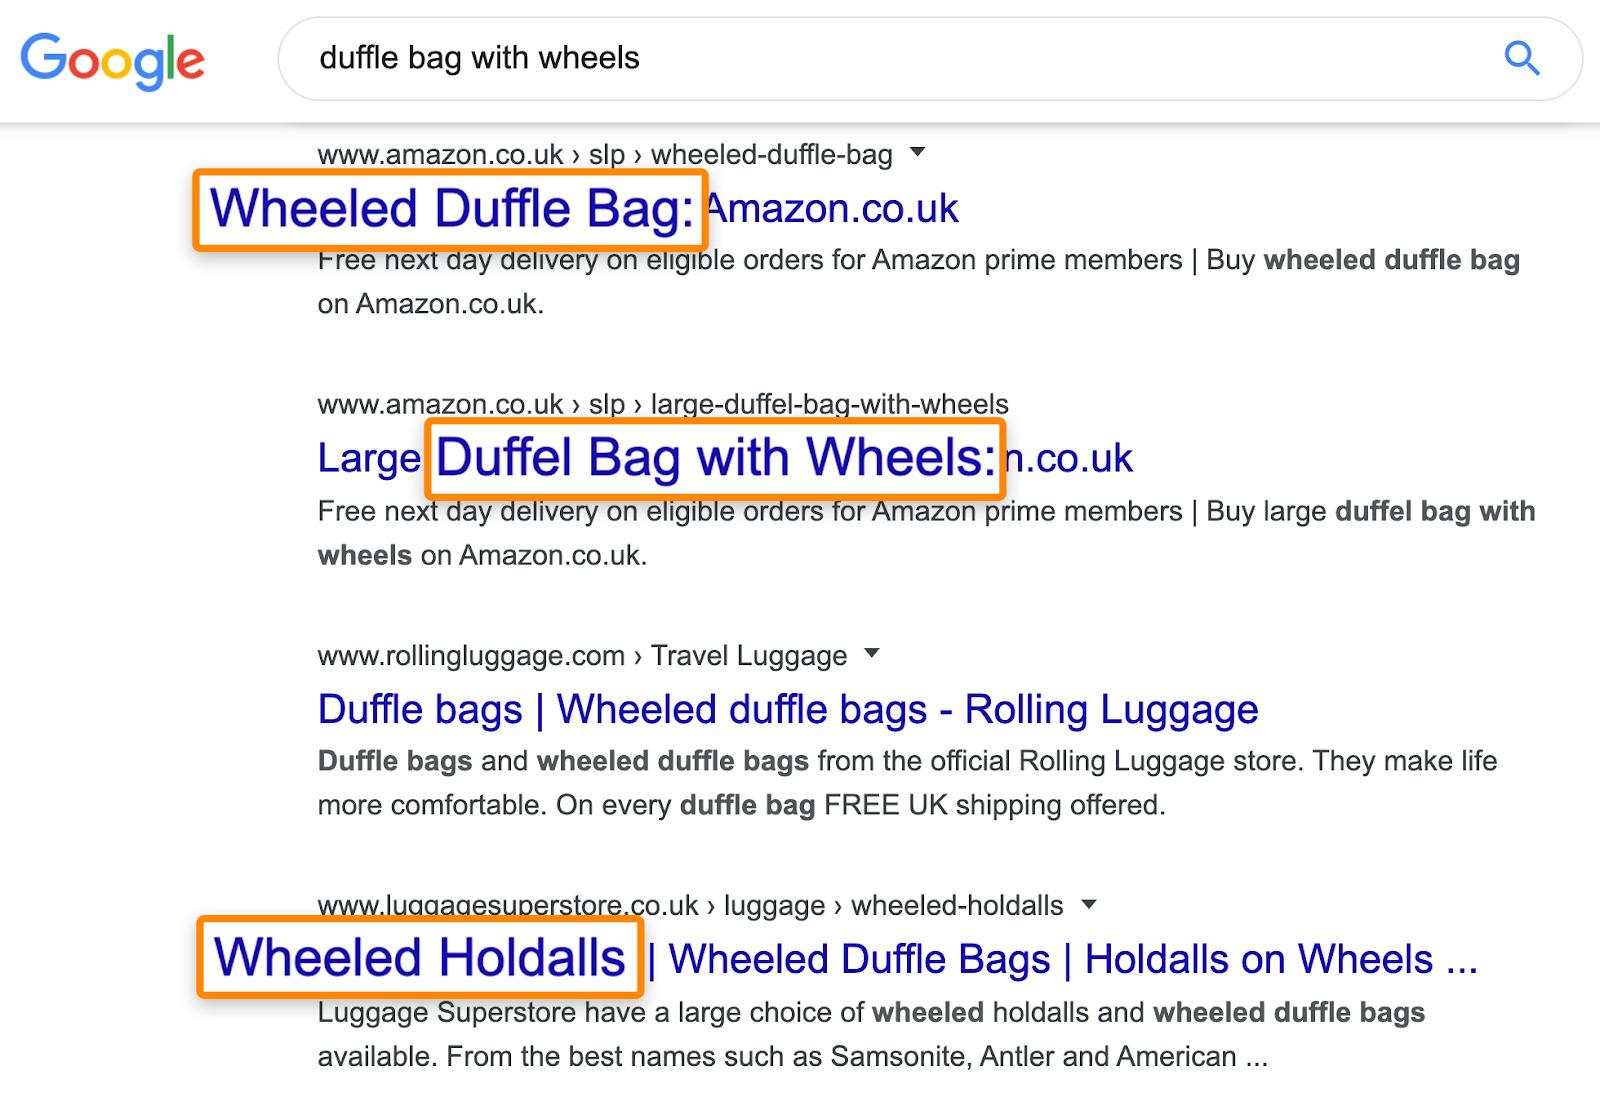 5 wheeled duffel bags